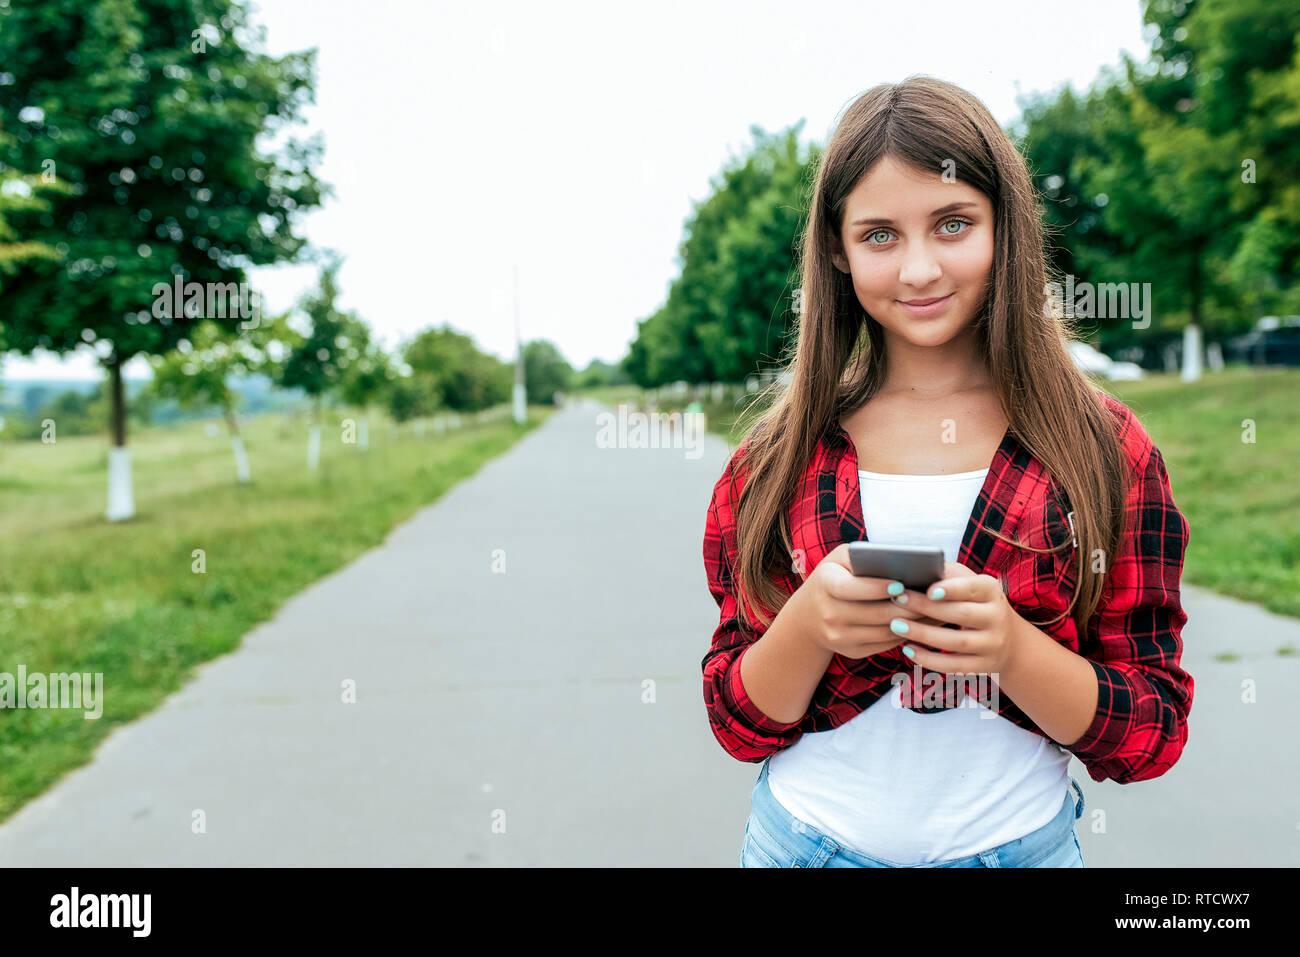 Girl schoolgirl teenager 10-15 years old, summer city after school